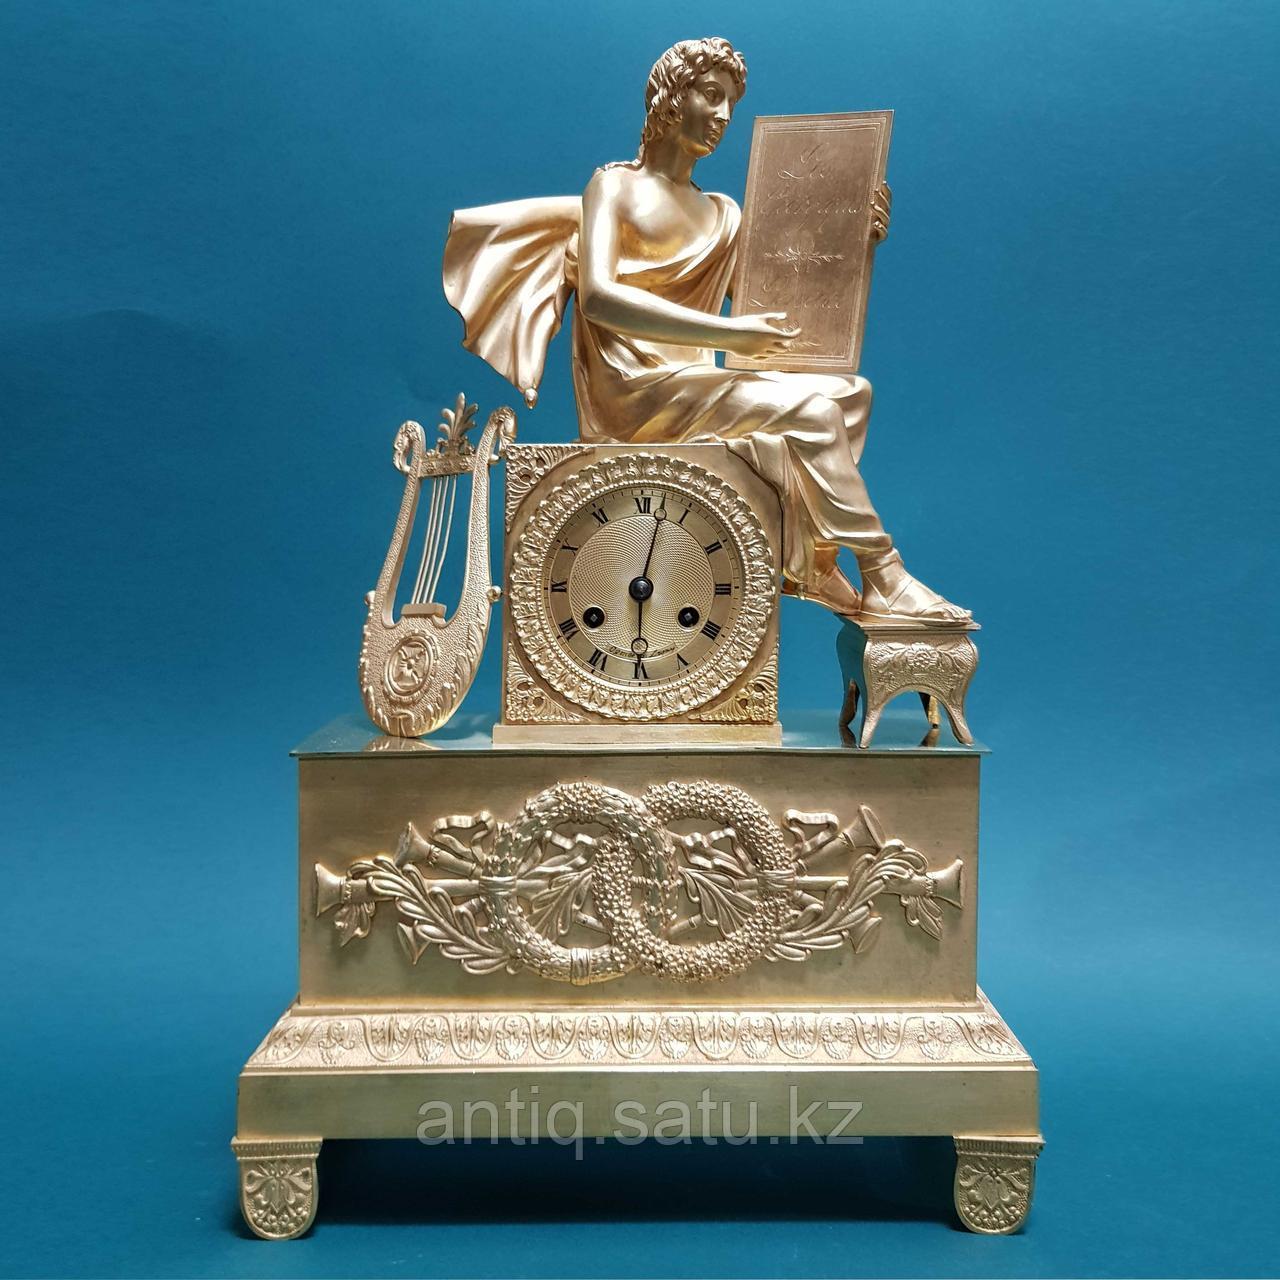 Кабинетные часы в стиле Ампир. Франция. XIX век - фото 2